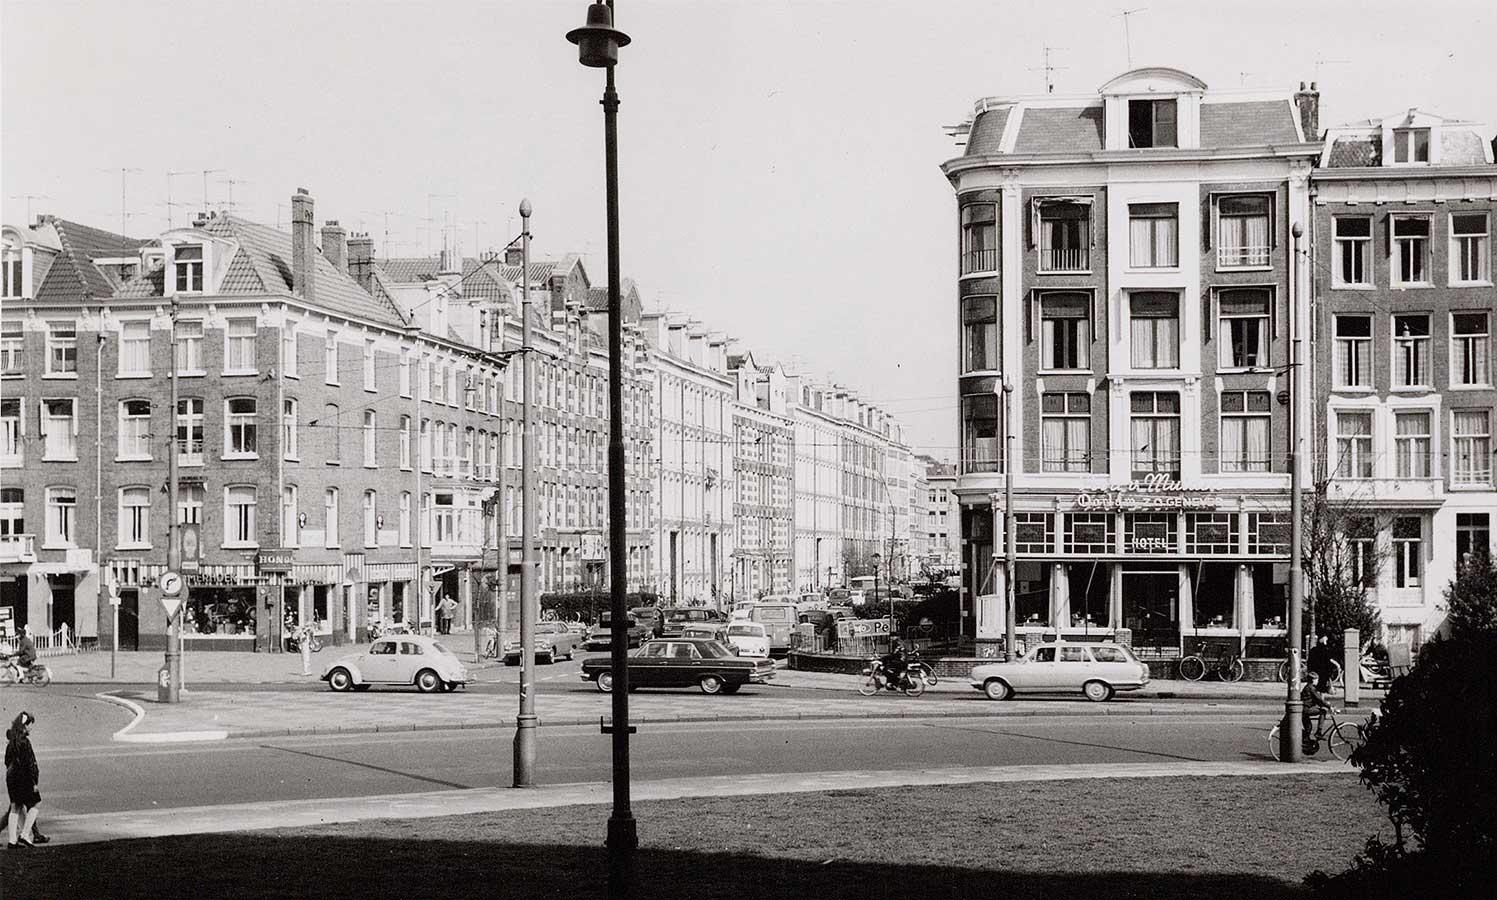 Commelinstraat gezien vanaf overkant Linnaeusstraat. Zicht op Poort van Muiden (thans Louie Louie)